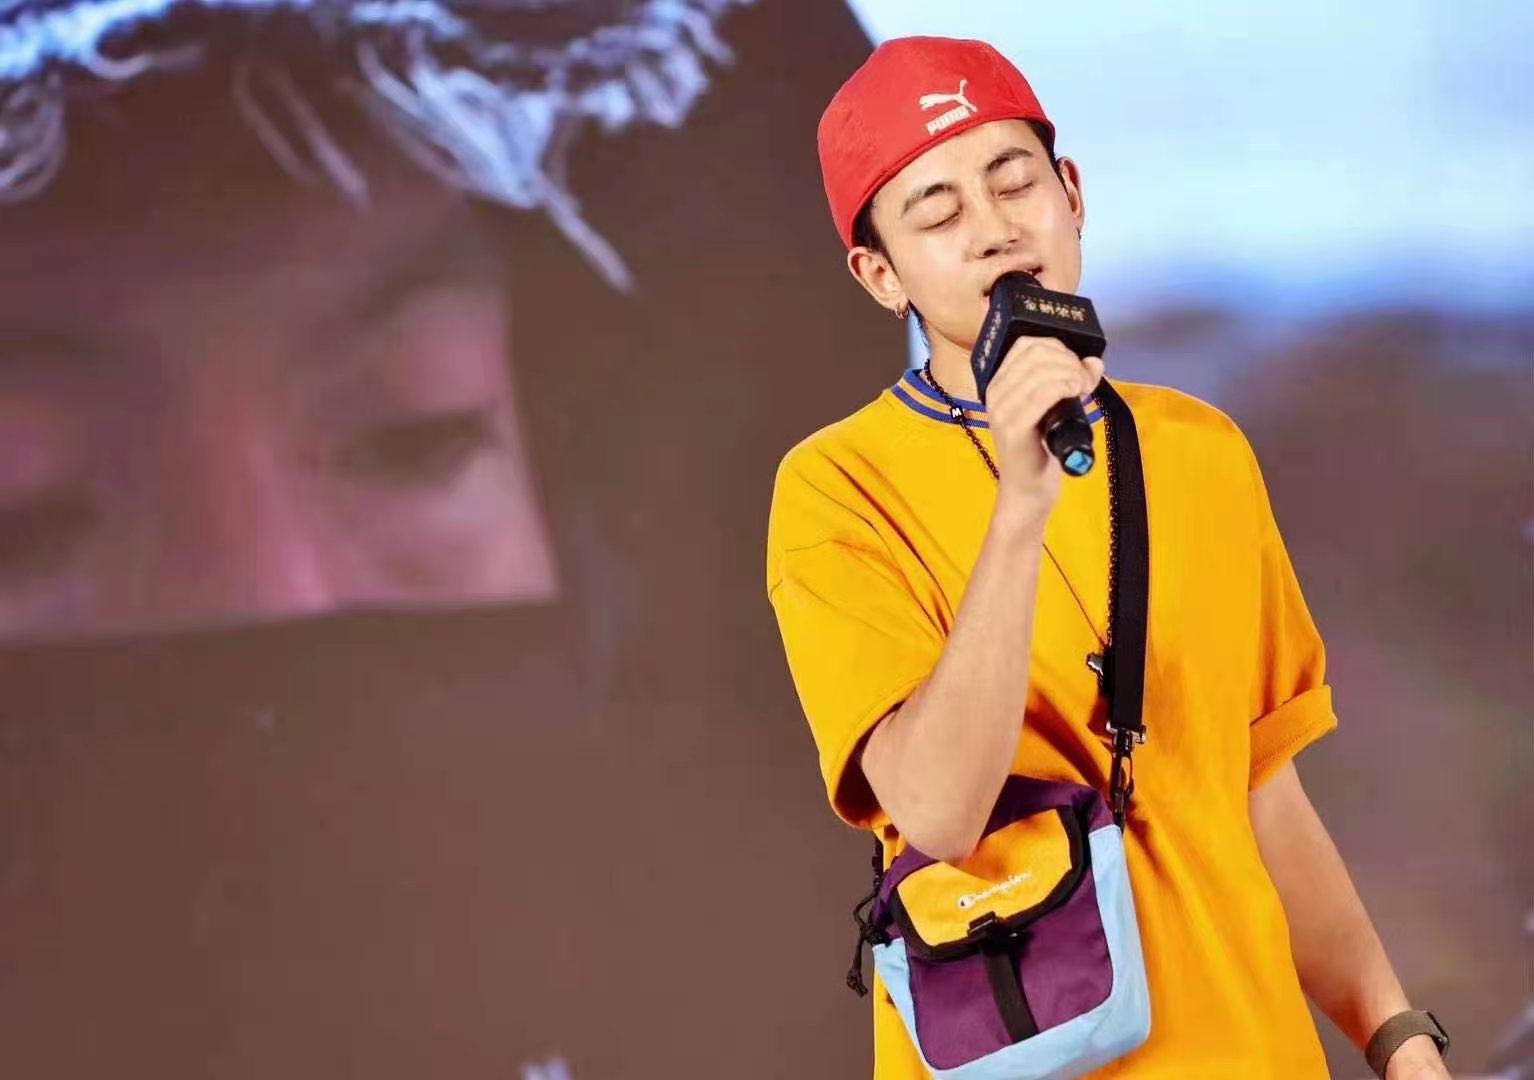 藏族音乐才子才旺罗布献唱上海电影节